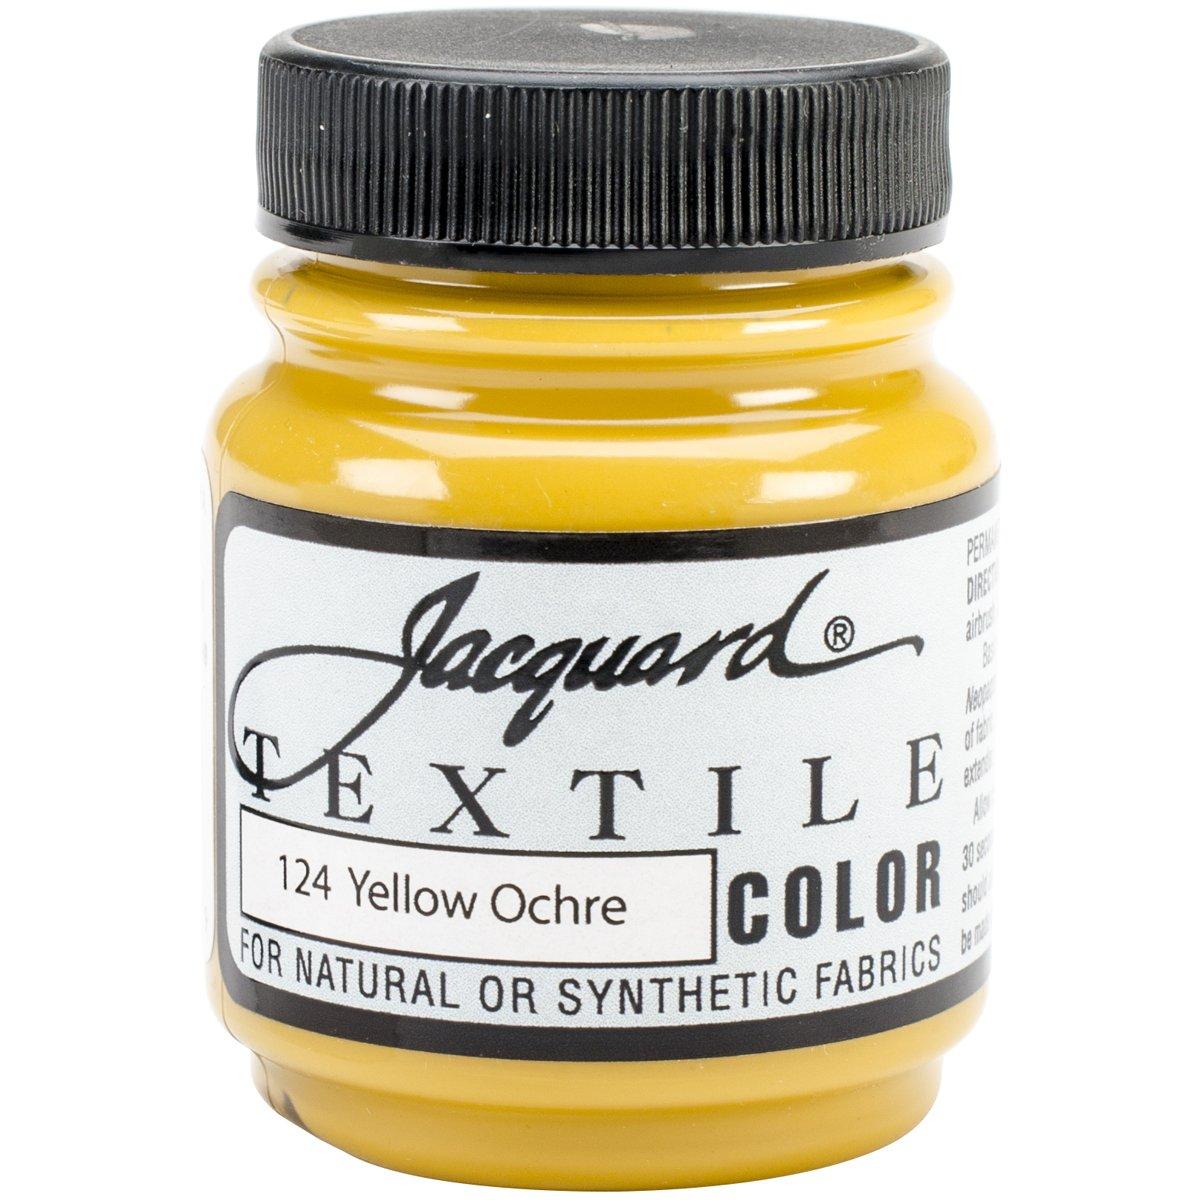 Jacquard, colore per tessuti, Acrilico, multicolour, 4.4400000000000004x4.4400000000000004x6.35 cm Jacquard Products TEXTILE-1124